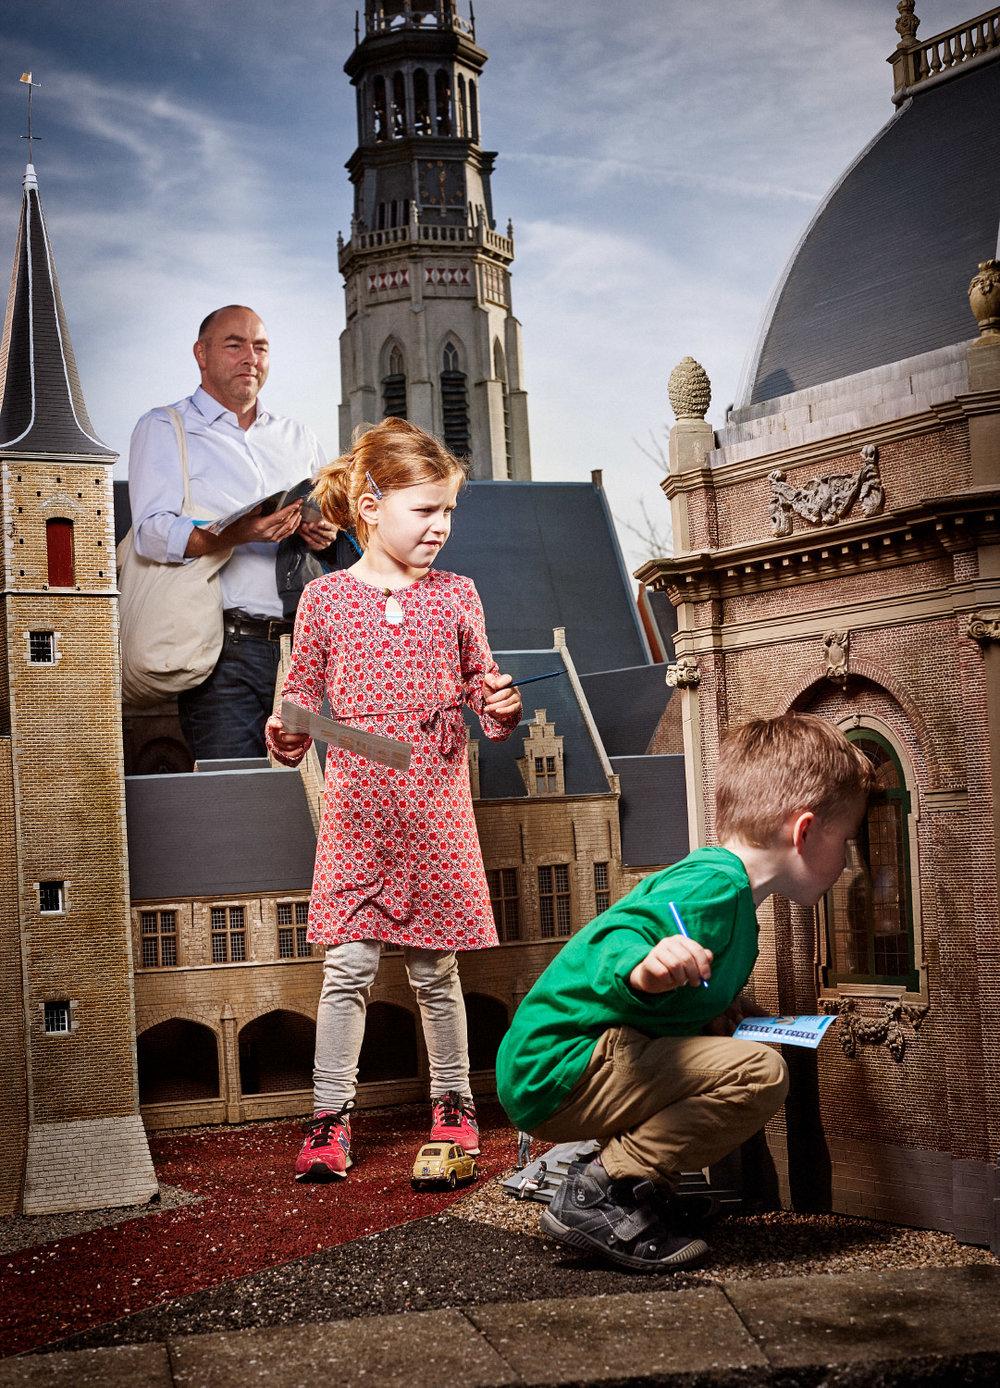 client: Middelburg Magazine